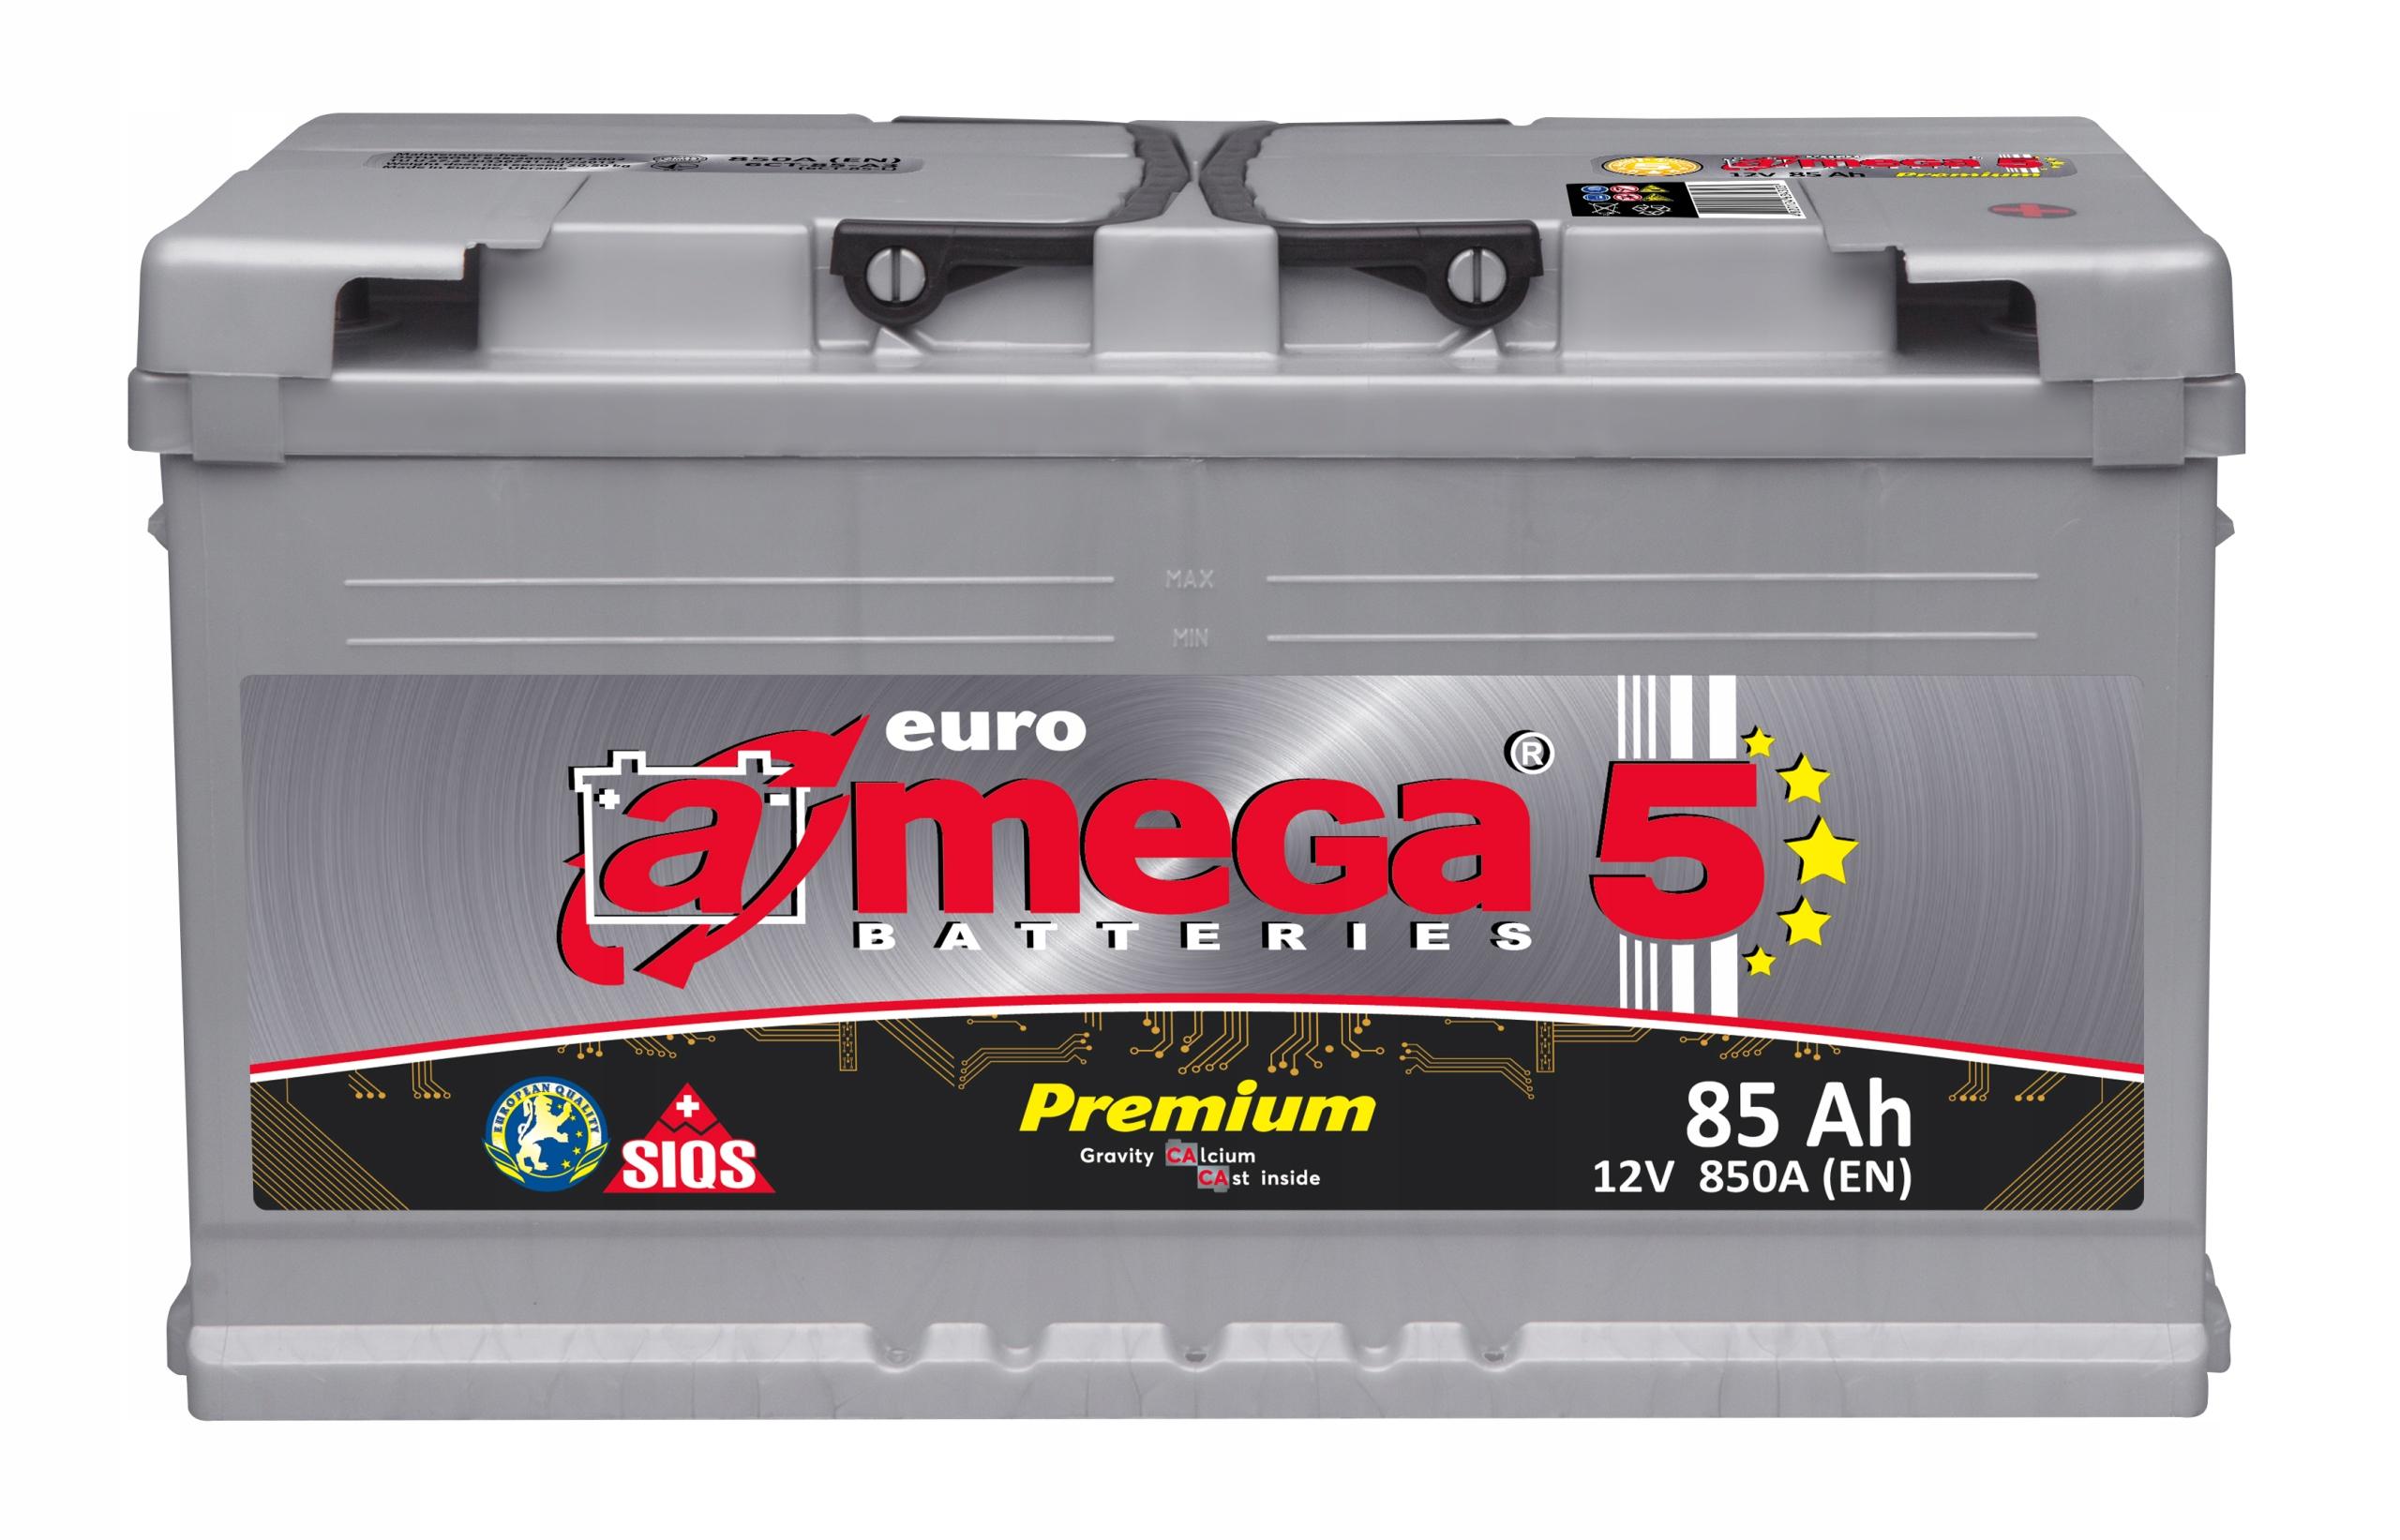 аккумулятор amega премиум m5 12v 85ah 850a